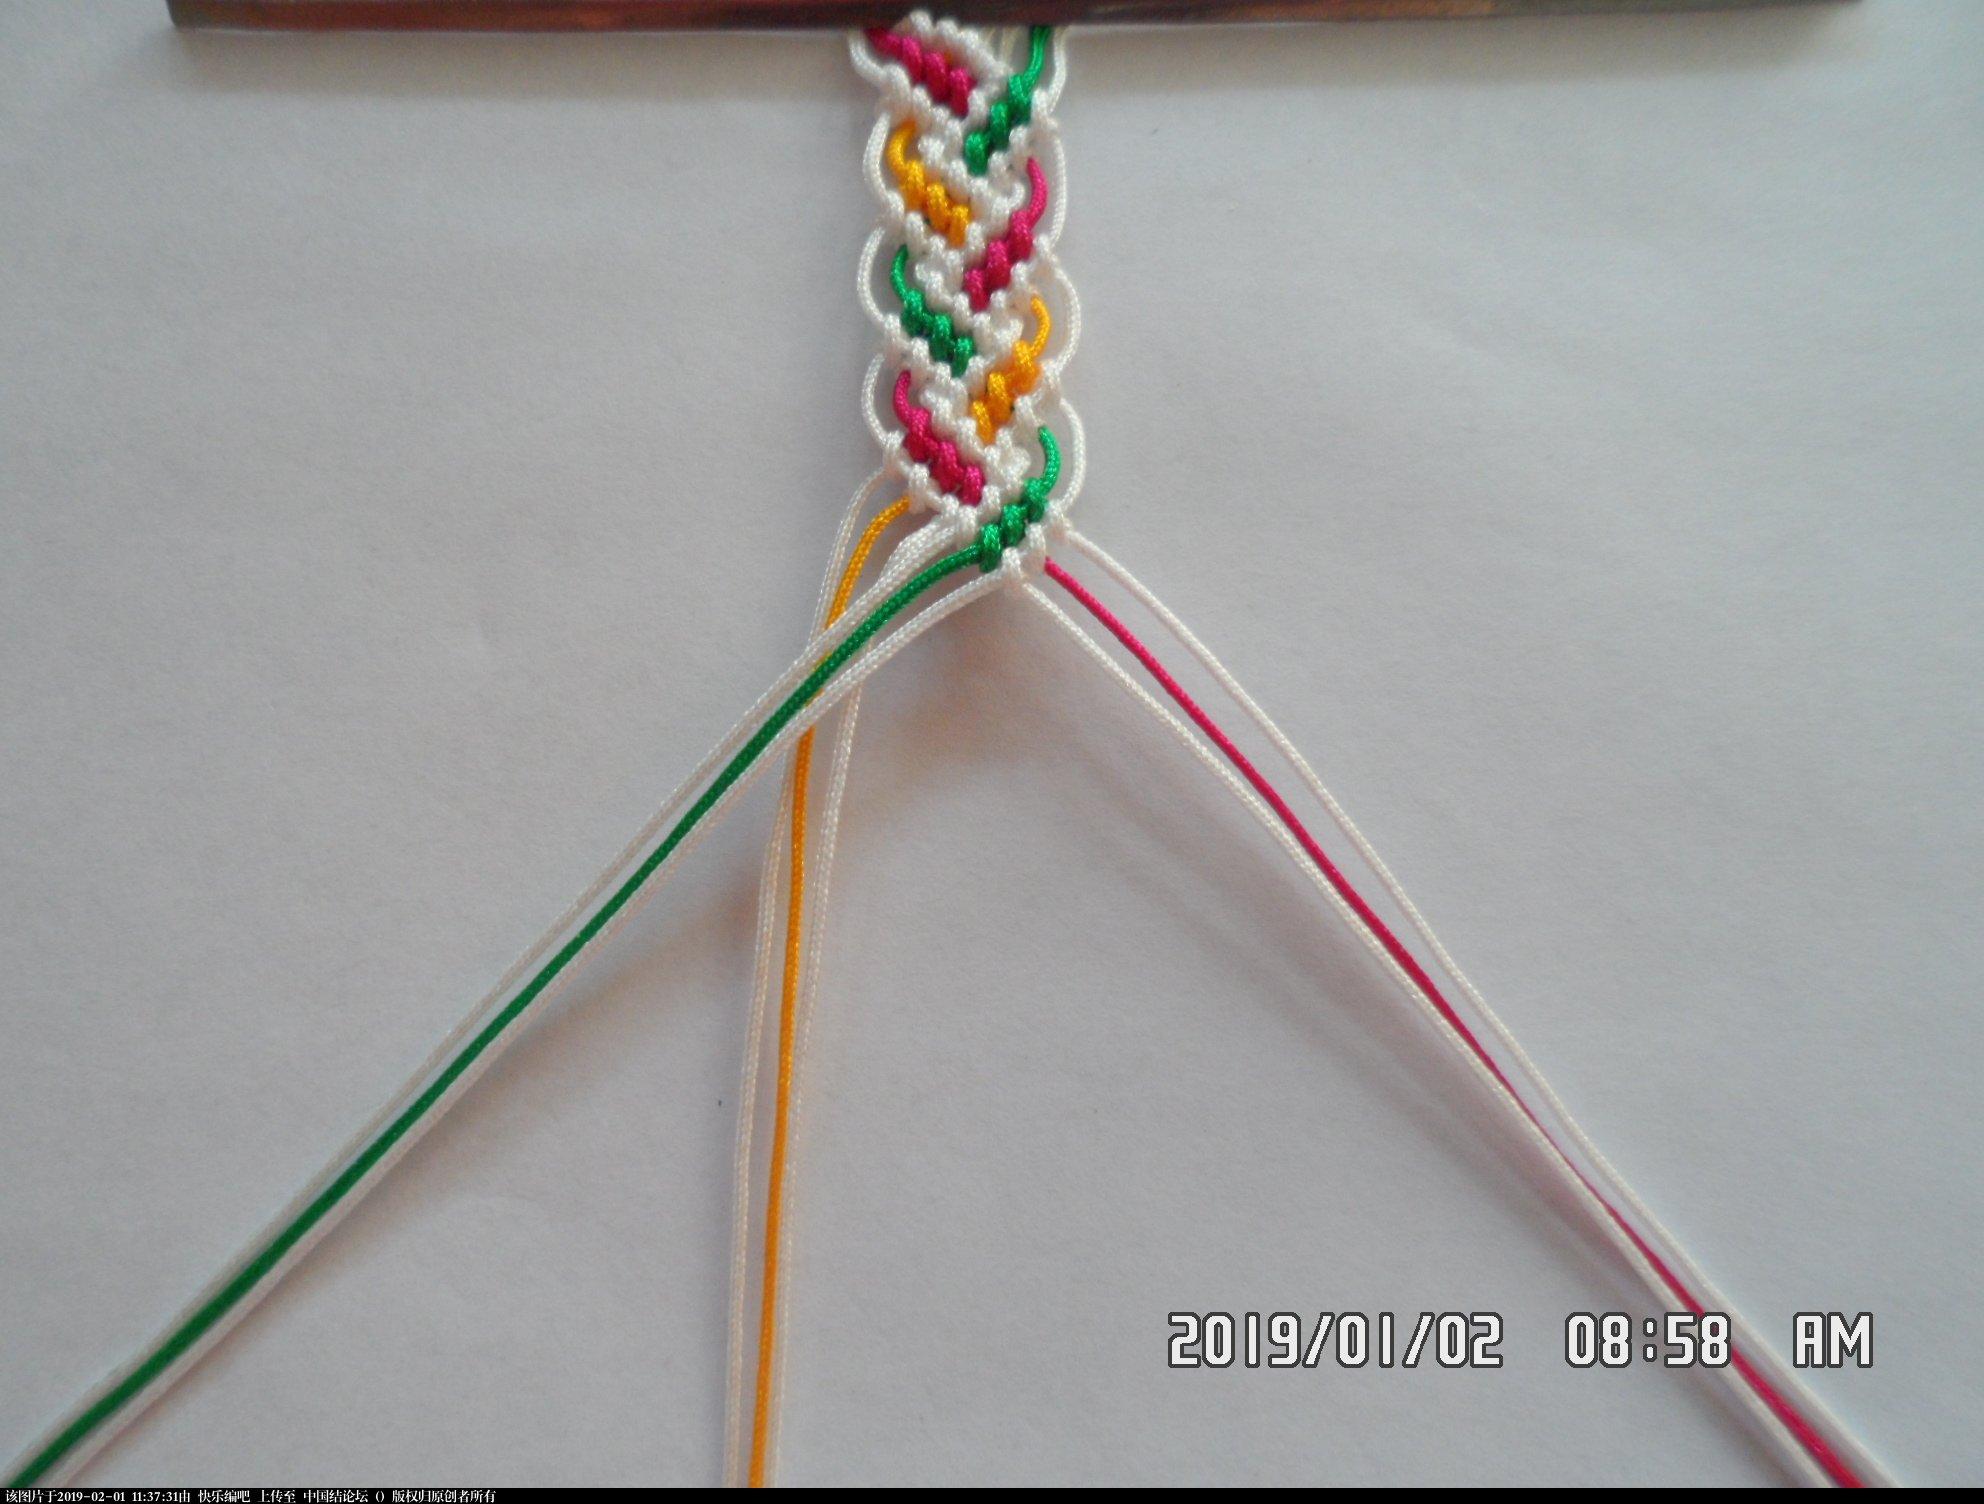 中国结论坛 一款彩色辫子图案手绳的编法 —— 反斜卷结练习  图文教程区 105823odb2o4rvycd2m227